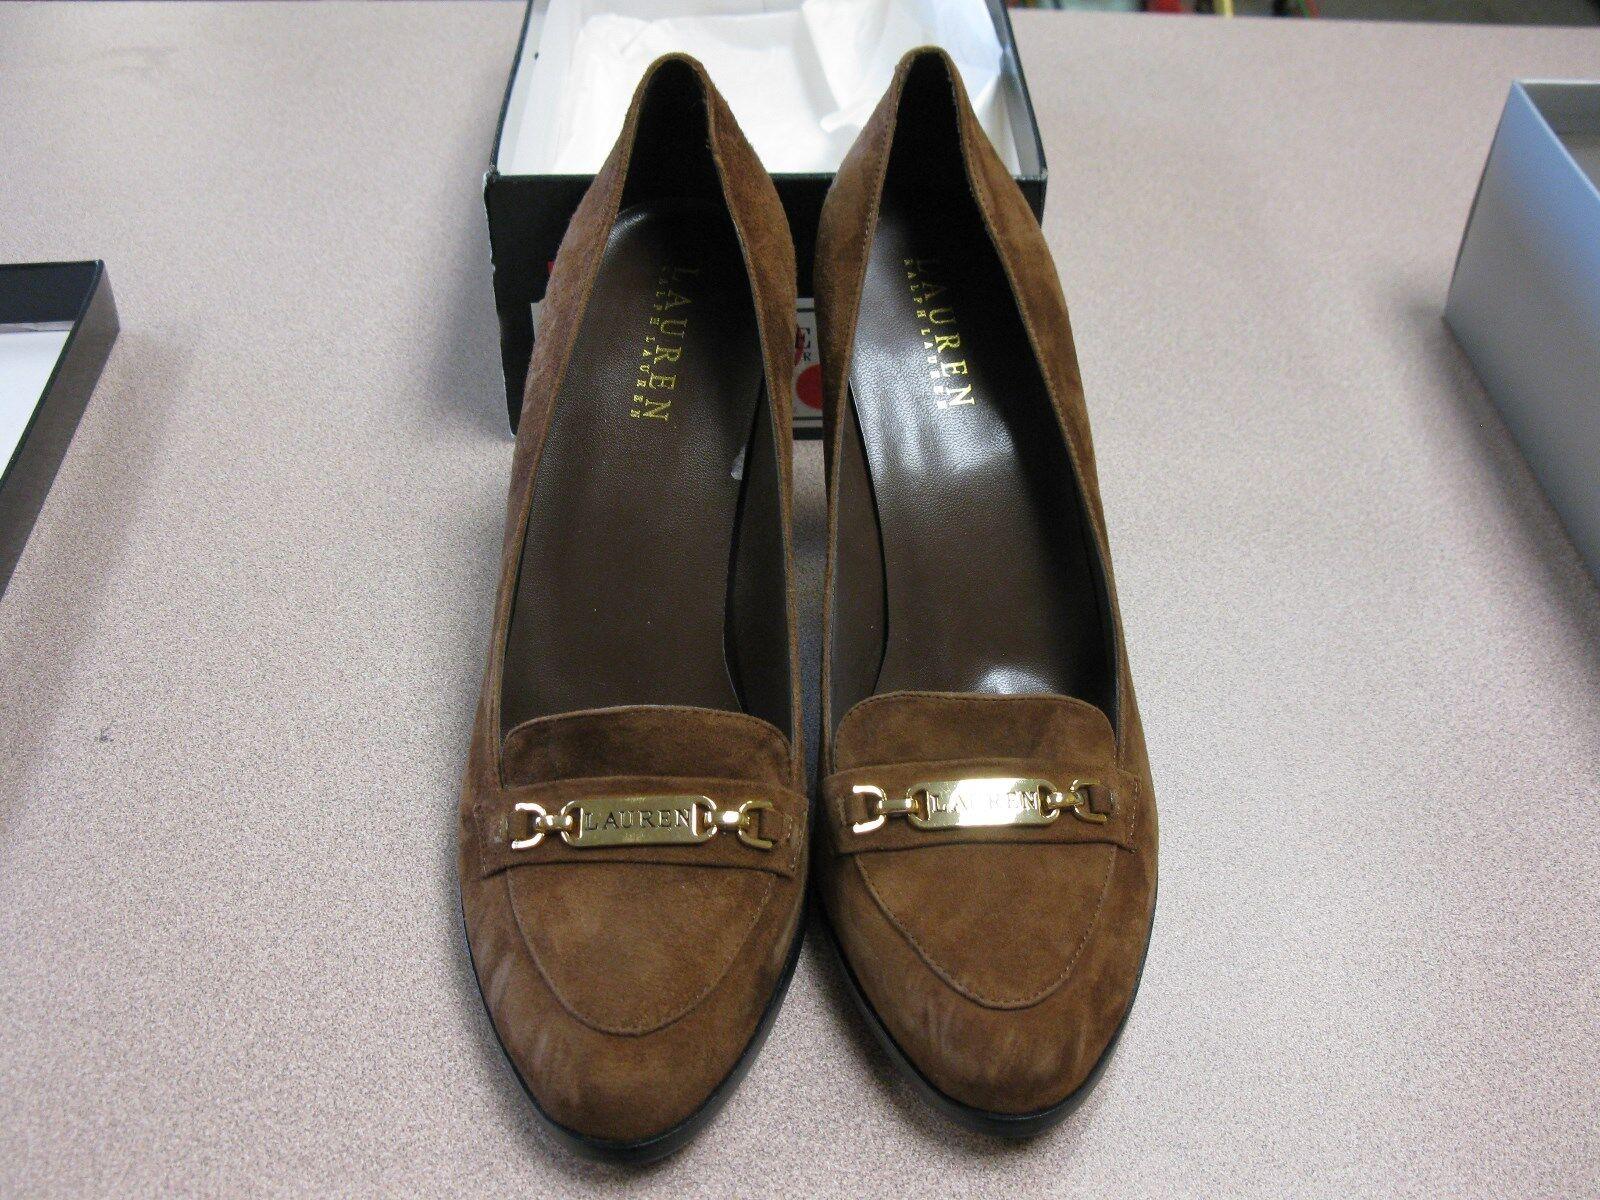 prendiamo i clienti come nostro dio Donna Donna Donna  Dimensione 10B Dark Saddle Karla  Suede Ralph Lauren High Heels Pumps scarpe.  merce di alta qualità e servizio conveniente e onesto